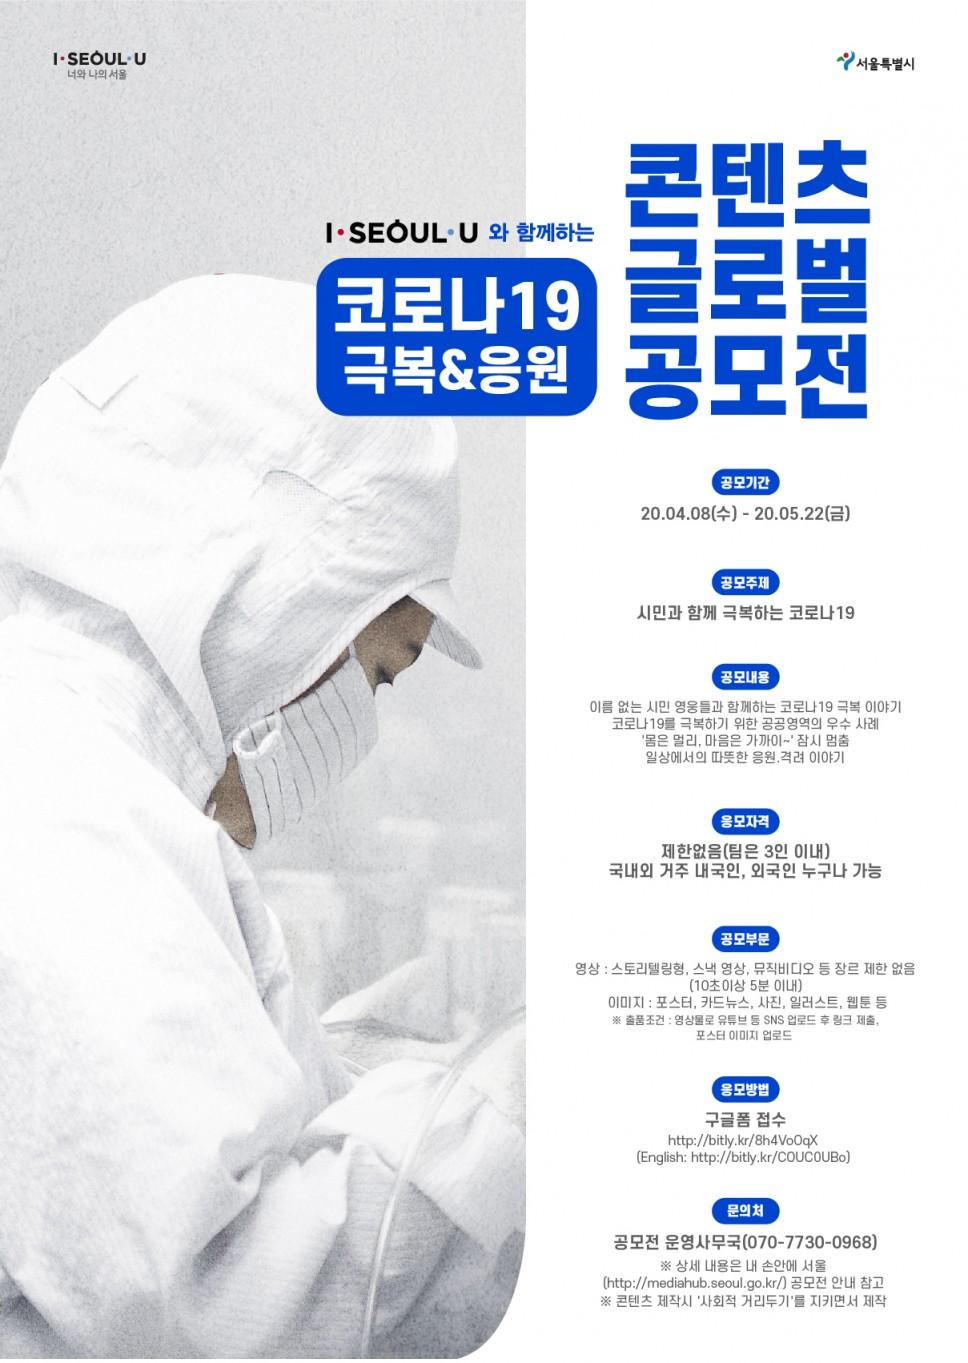 시안3)코로나 공모전 포스터_최종_200407